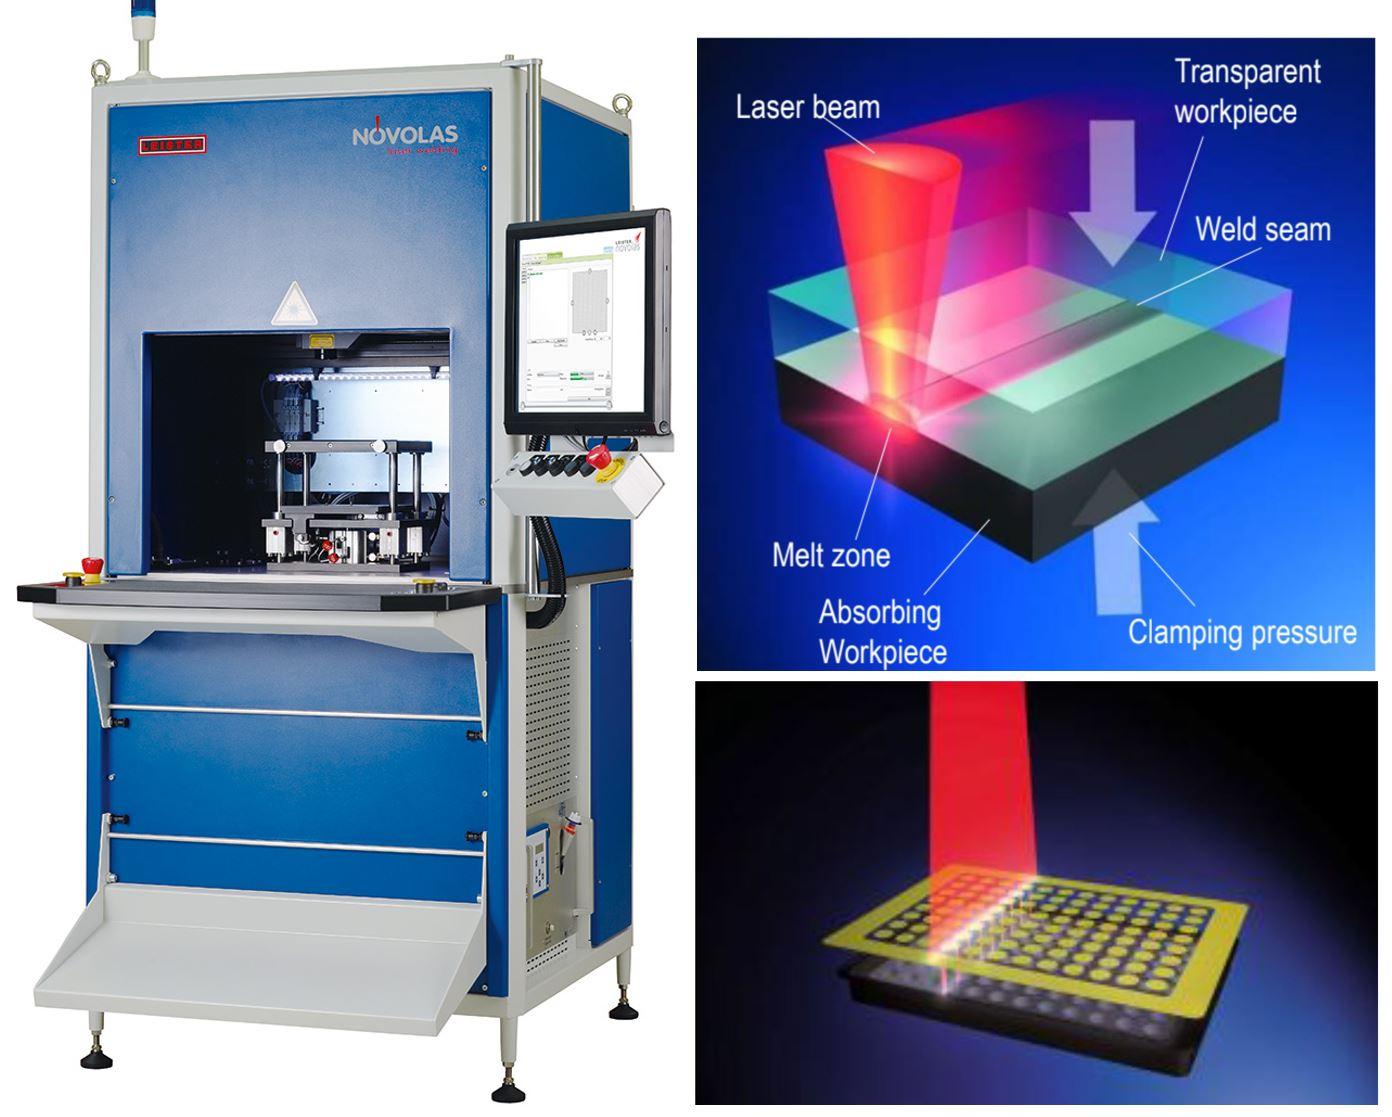 תמונה 4: ריתוך לייזר באמצעות וילון ומסיכה, של חברת LEISTER השוויצרית. הטכנולוגיה יכולה לעבוד במכונה עצמאית או להשתלב על פס ייצור שלם.